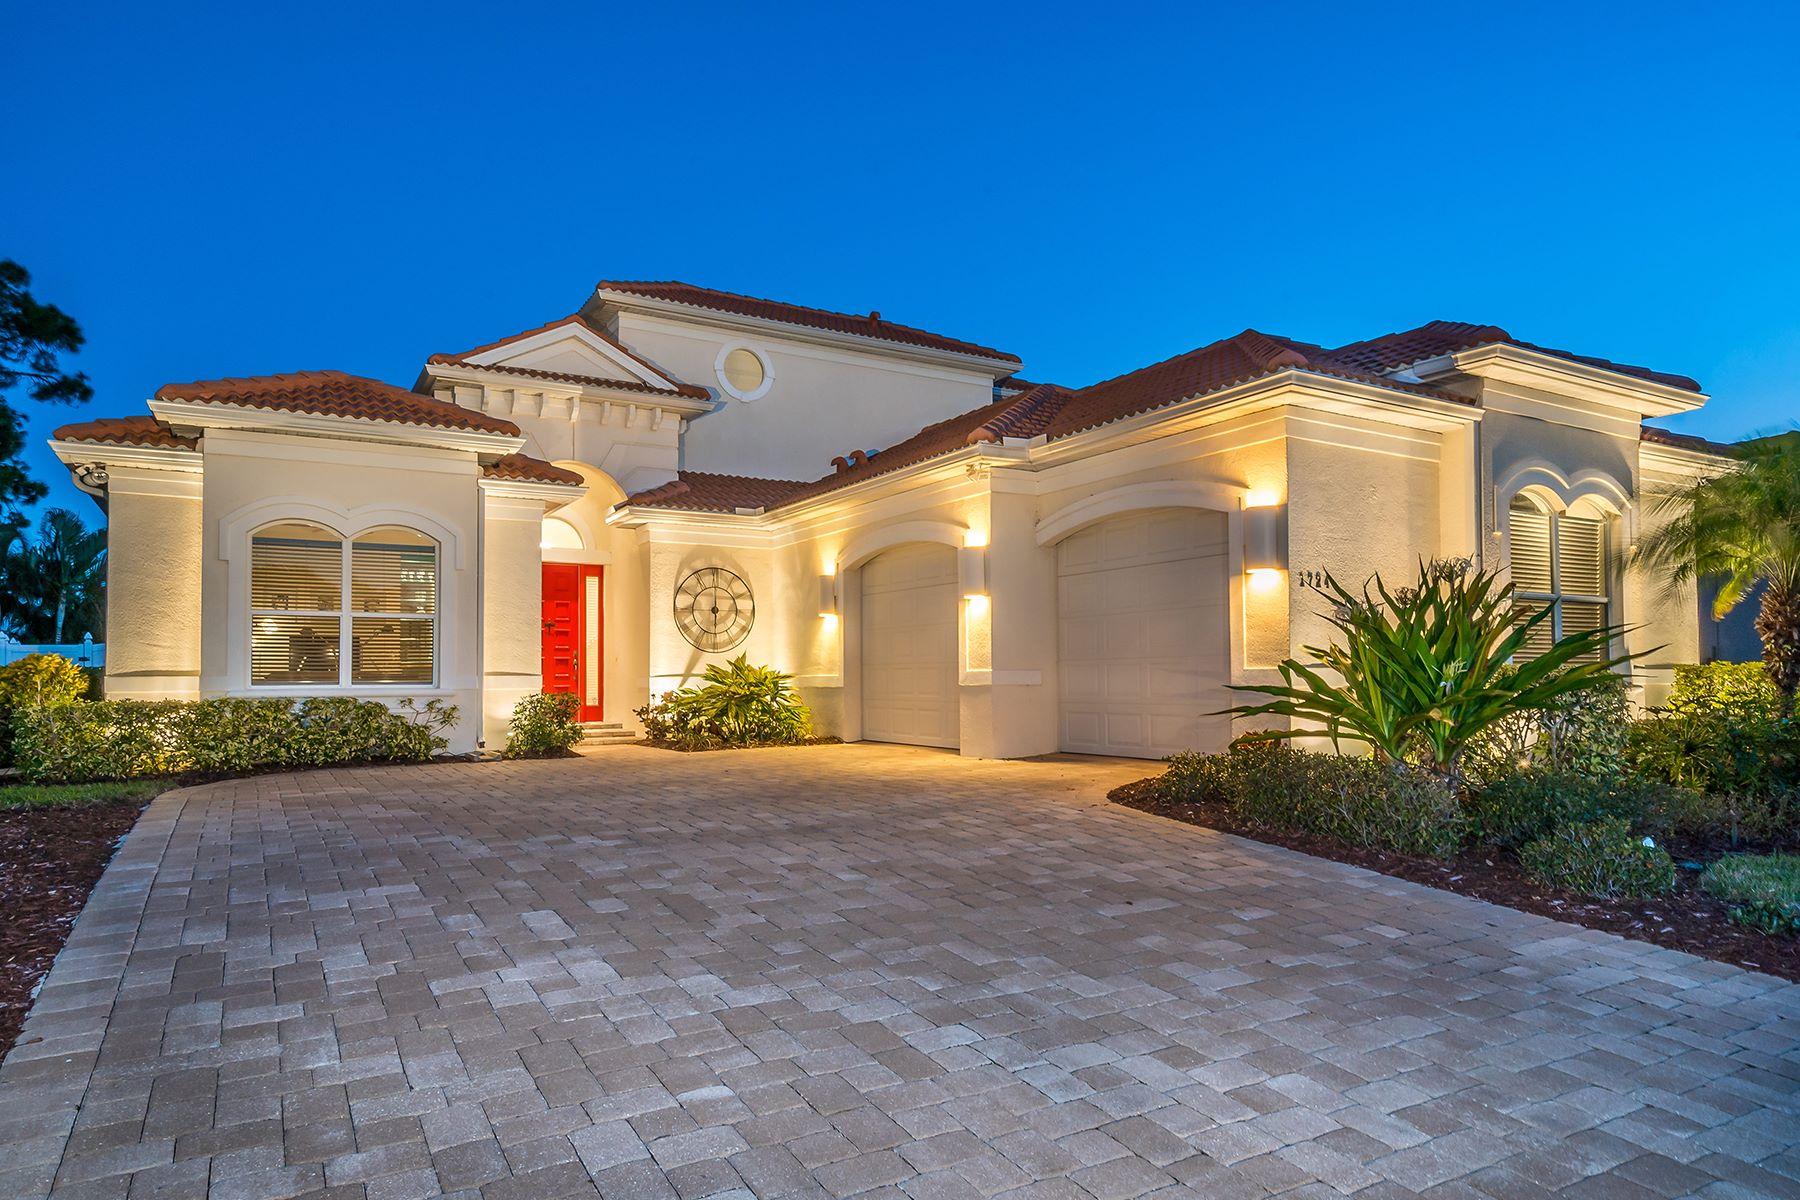 Casa Unifamiliar por un Venta en BOCA ROYALE 1724 Grande Park Dr Englewood, Florida, 34223 Estados Unidos